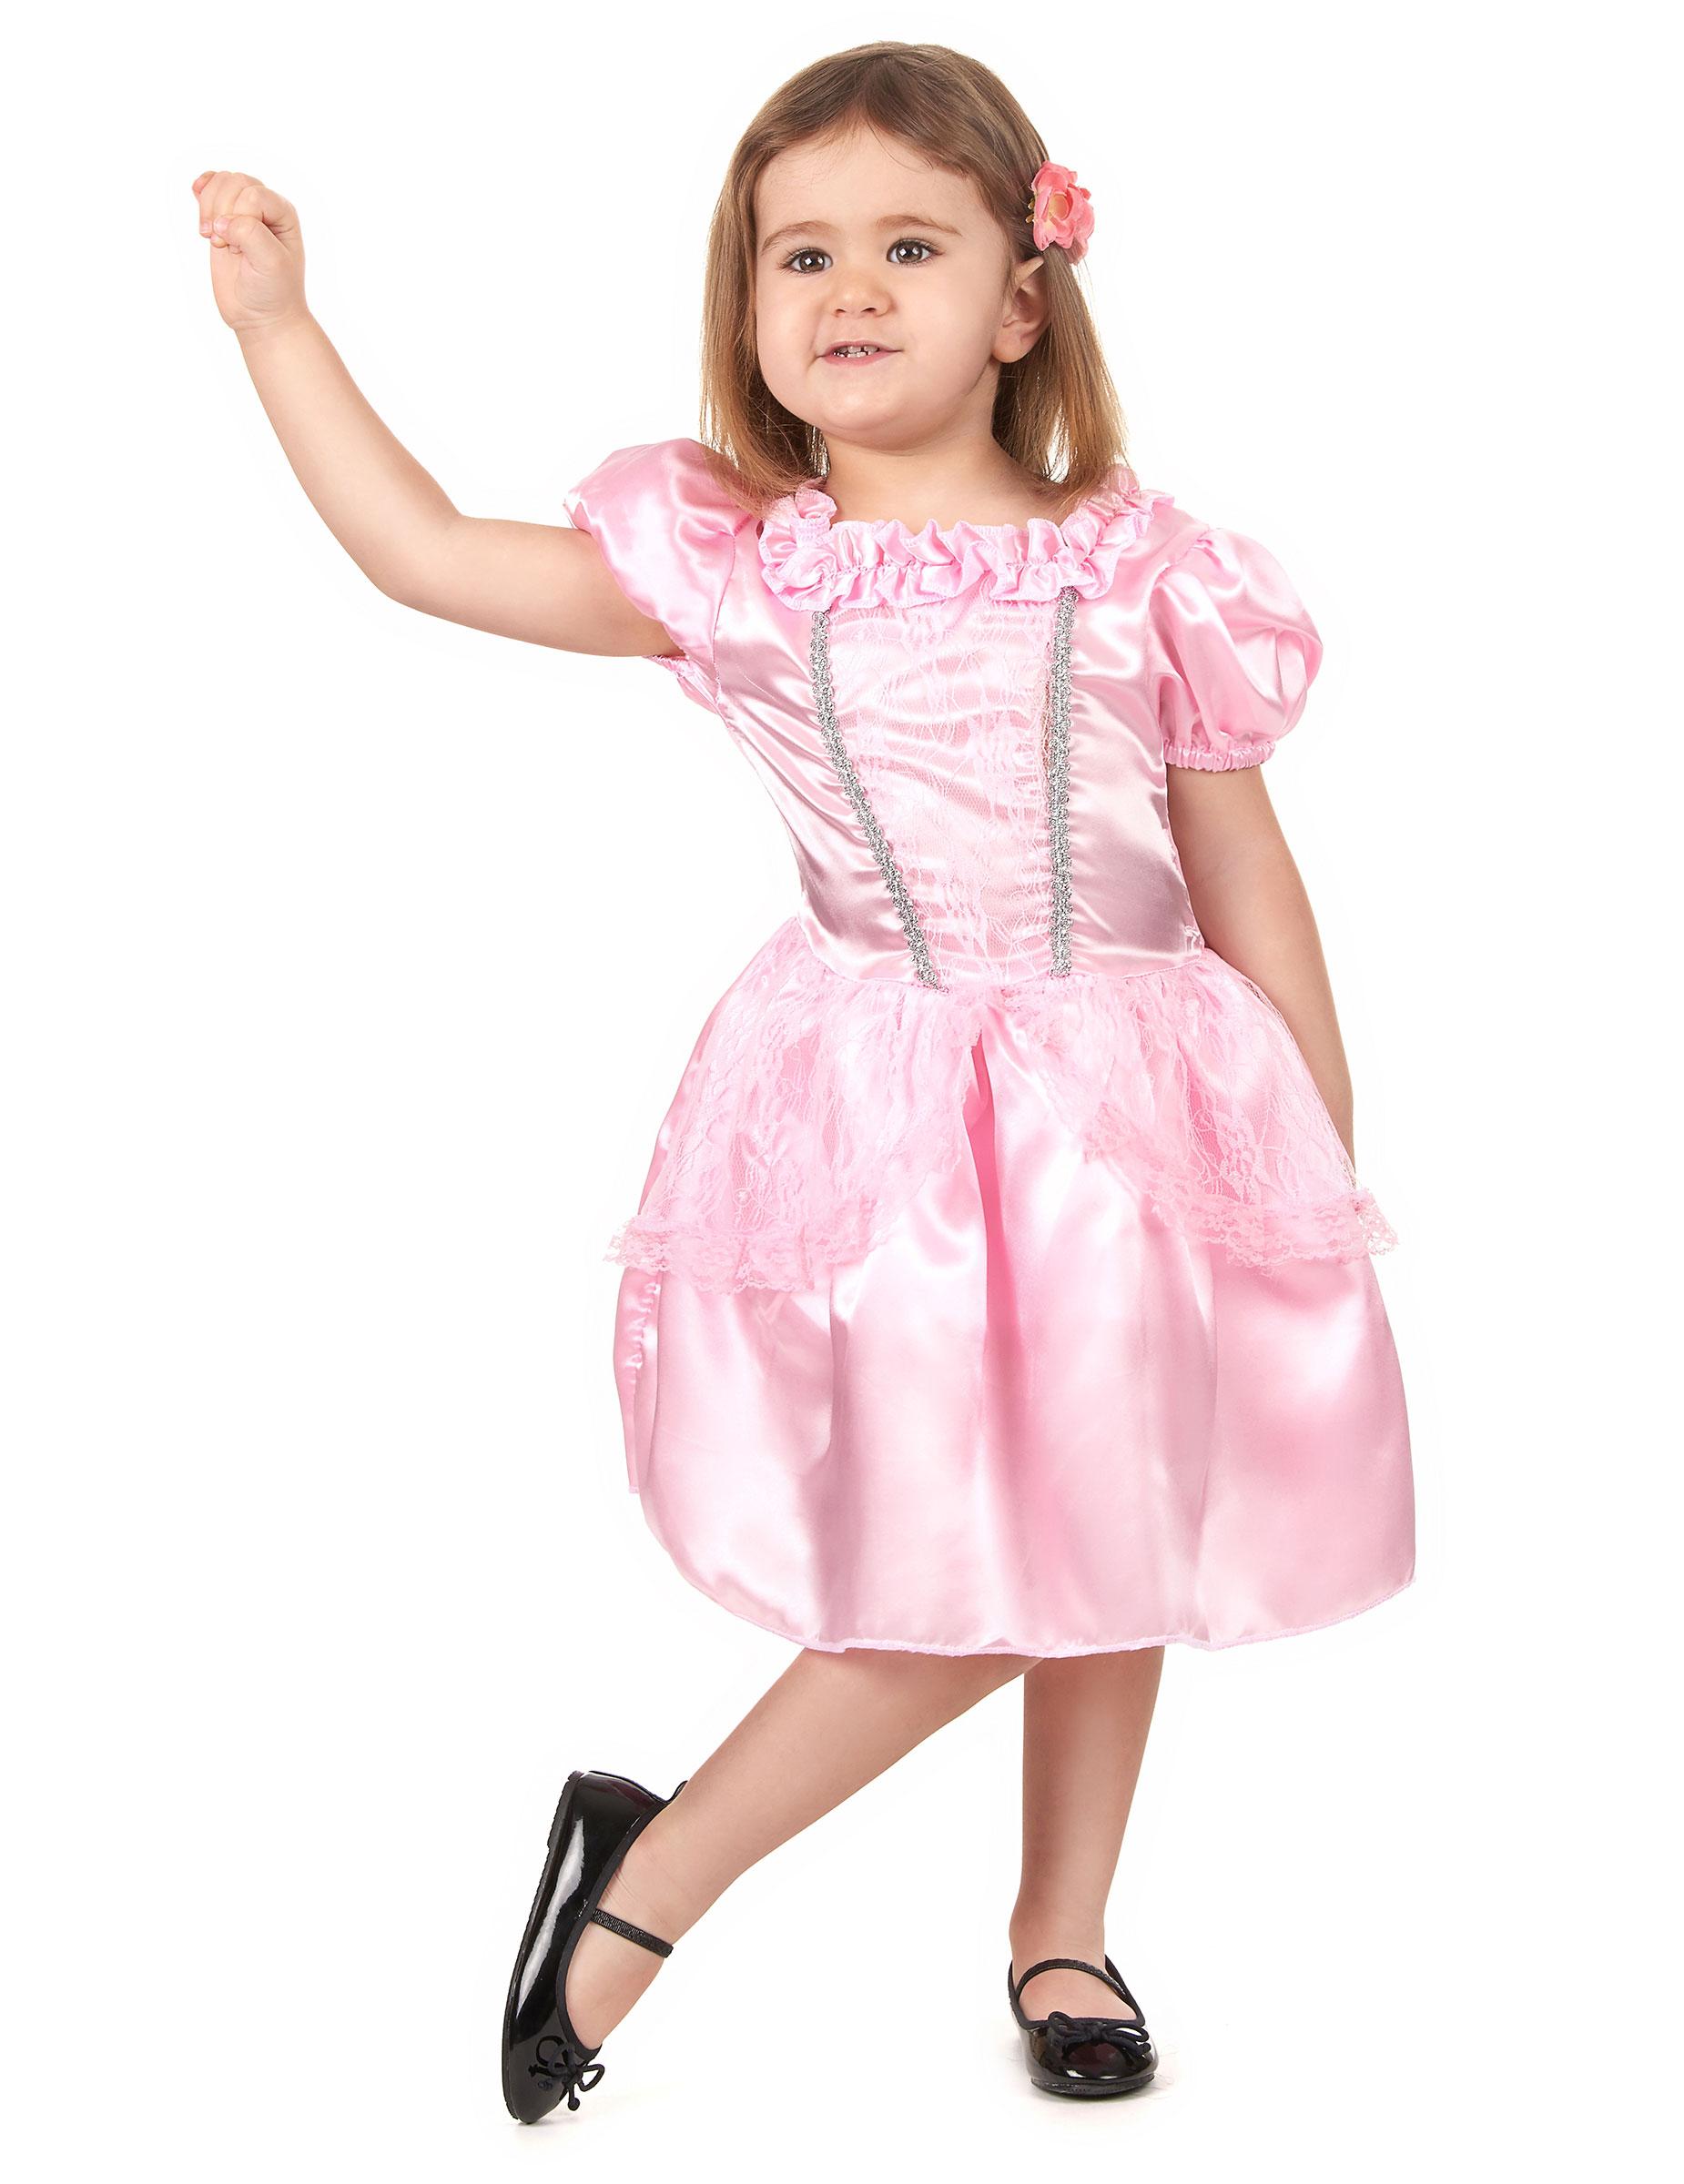 Excepcional Vestidos Para Vestir A Una Fiesta De Disfraces Motivo ...